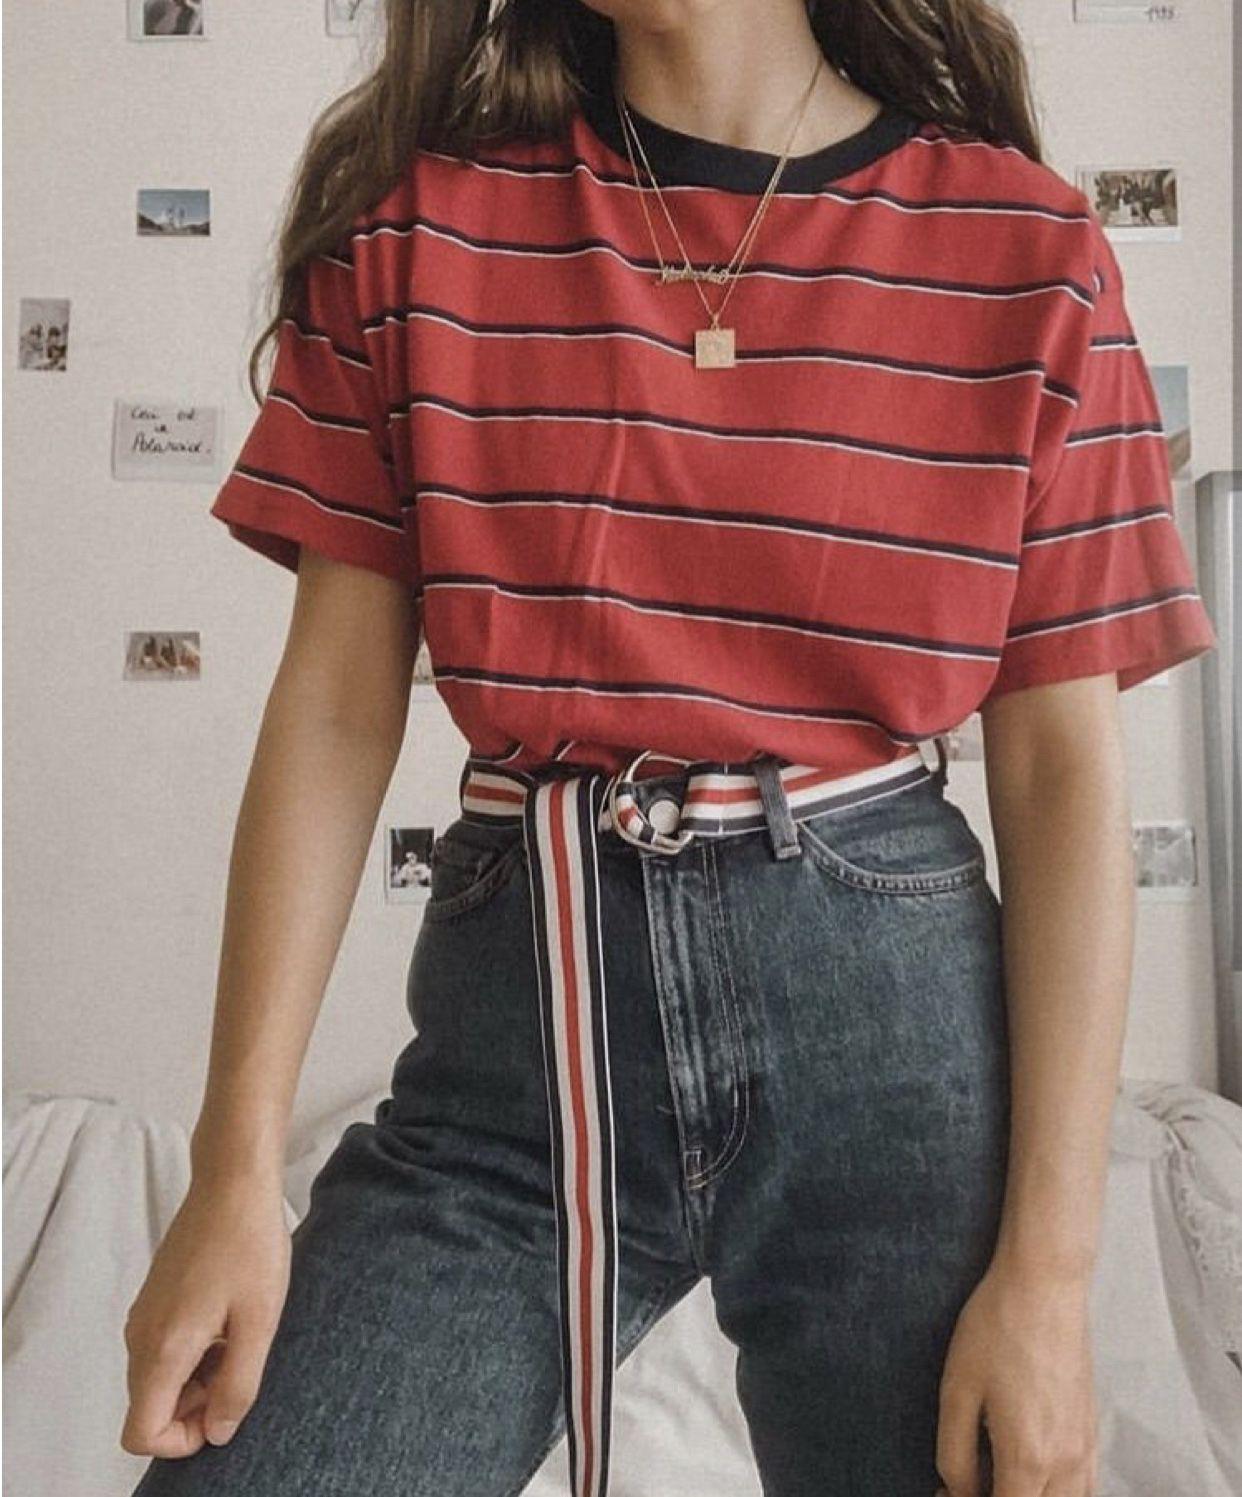 Ik Hou Ontzettend Veel Van Kleren En Shoppen In 2020 Retro Outfits Fashion Inspo Outfits Aesthetic Clothes